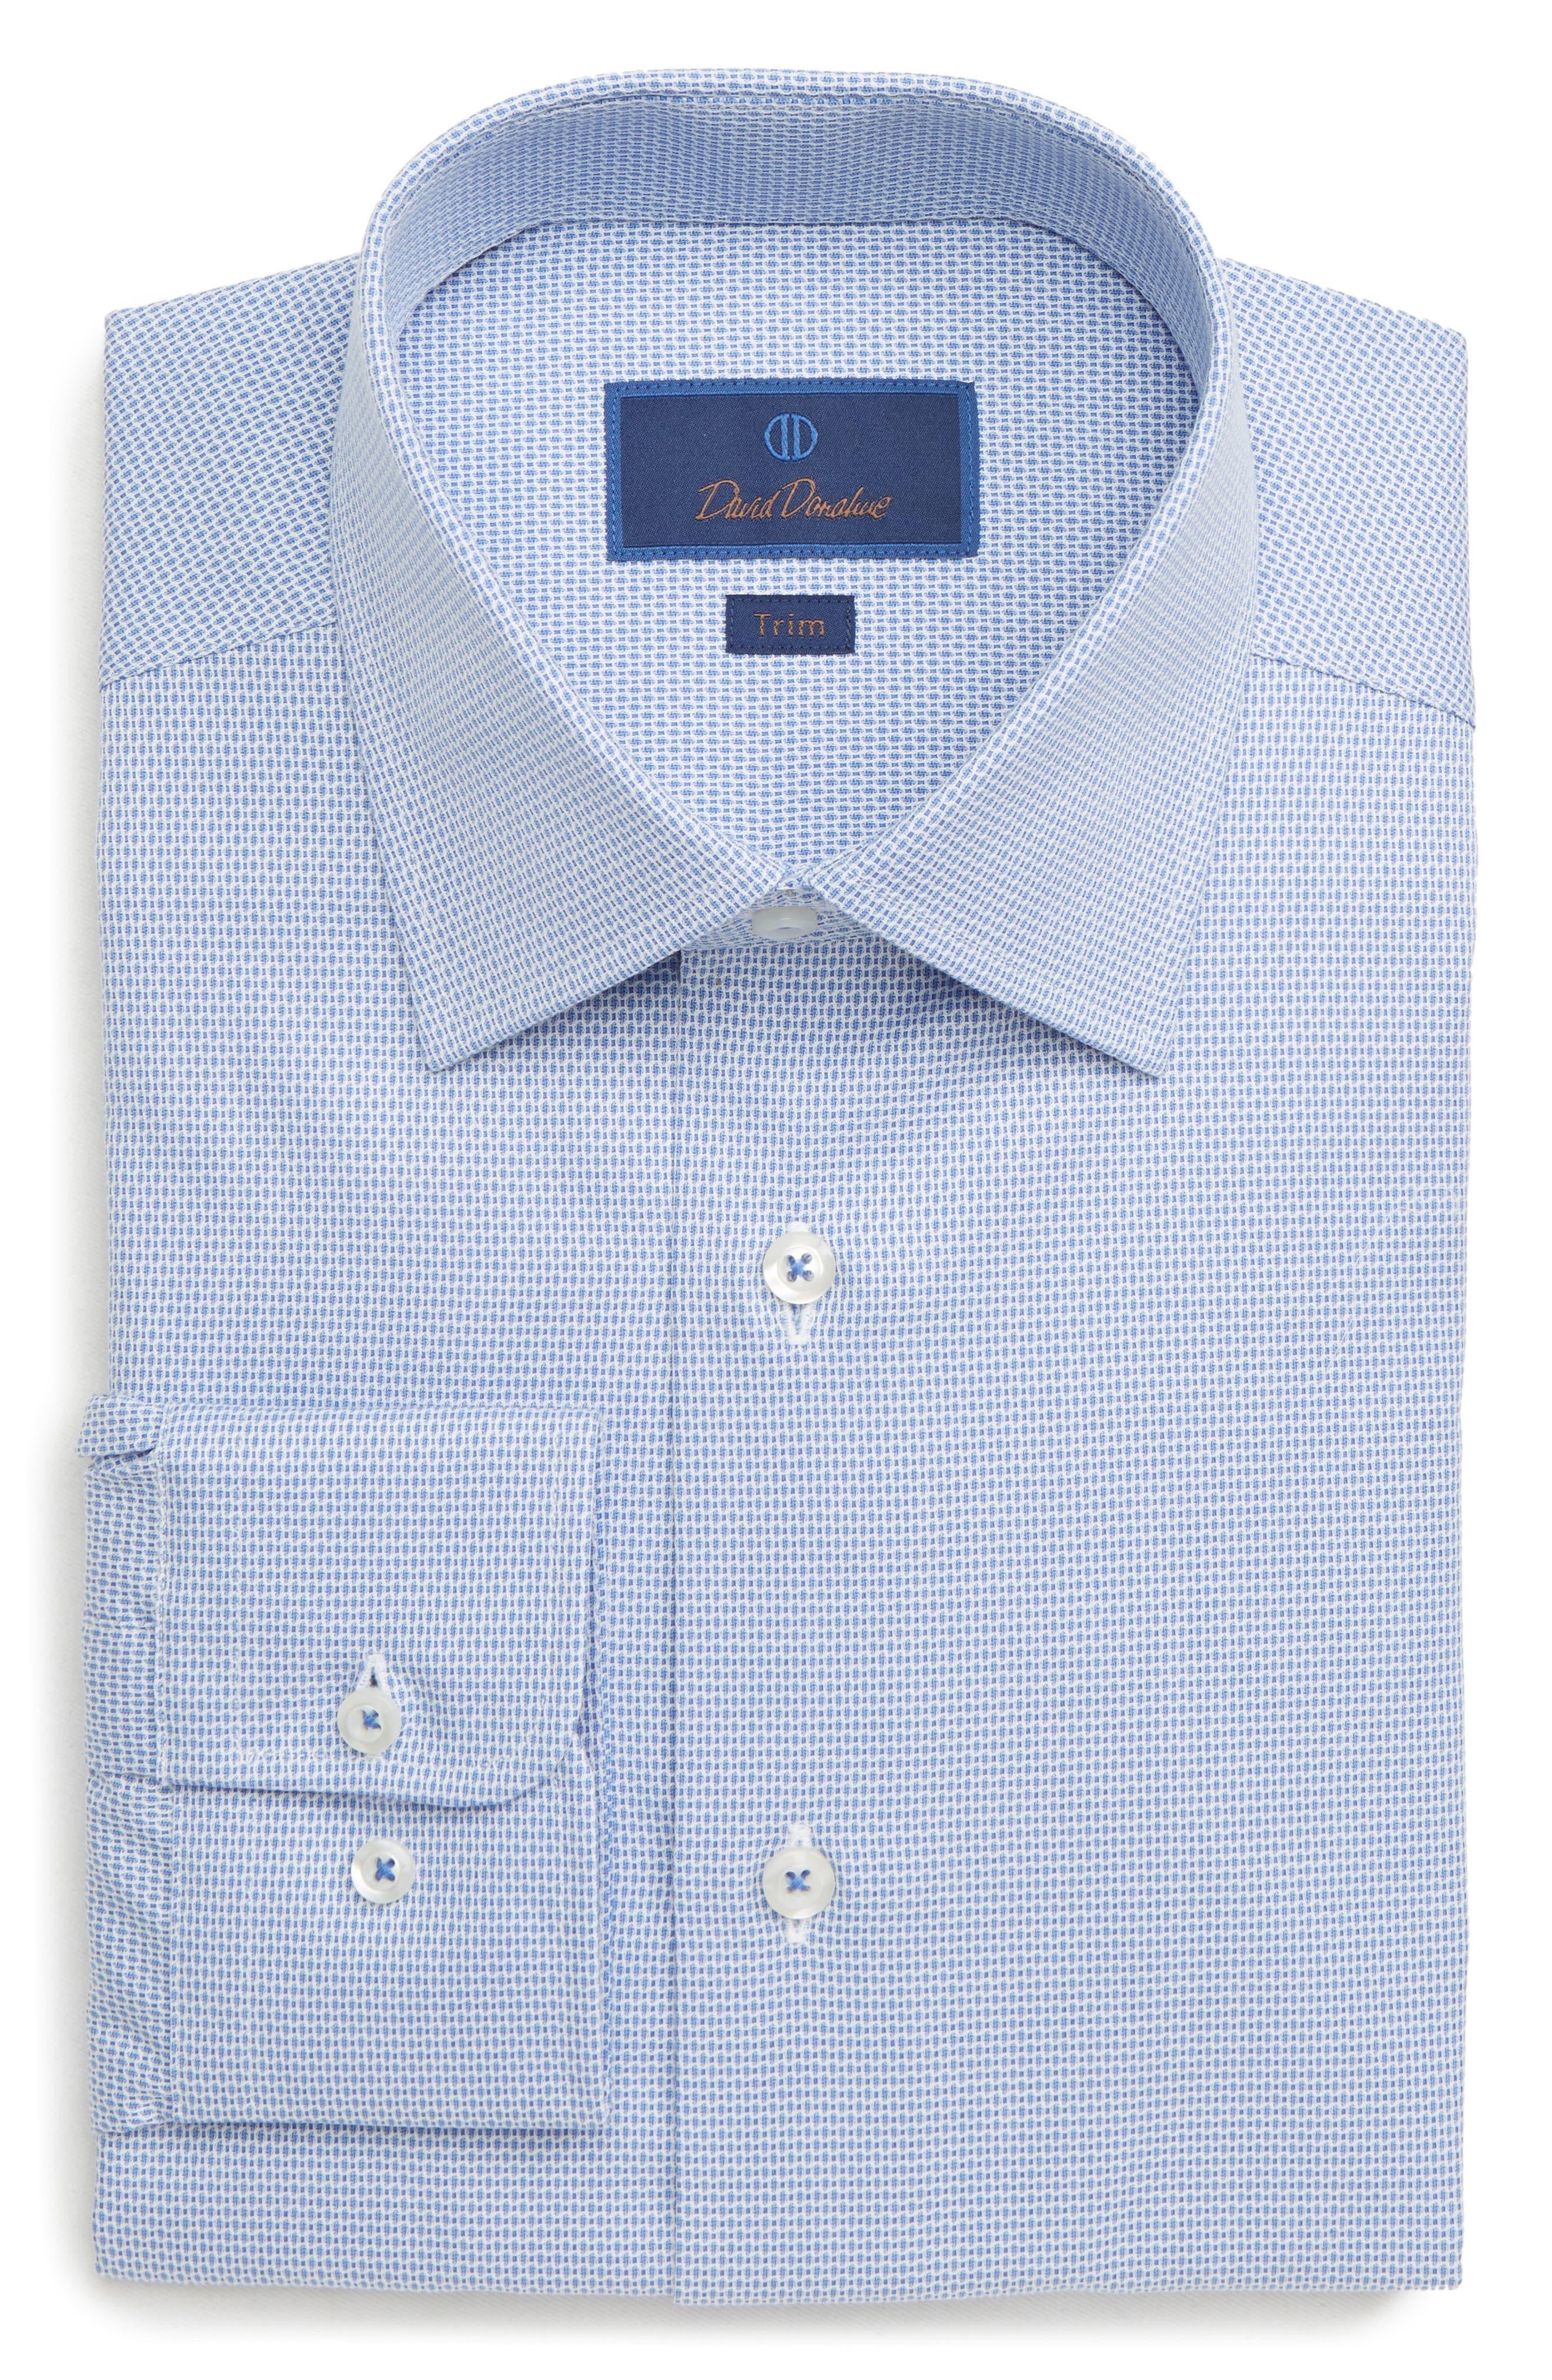 Trim Fit Print Dress Shirt, Main, color, BLUE